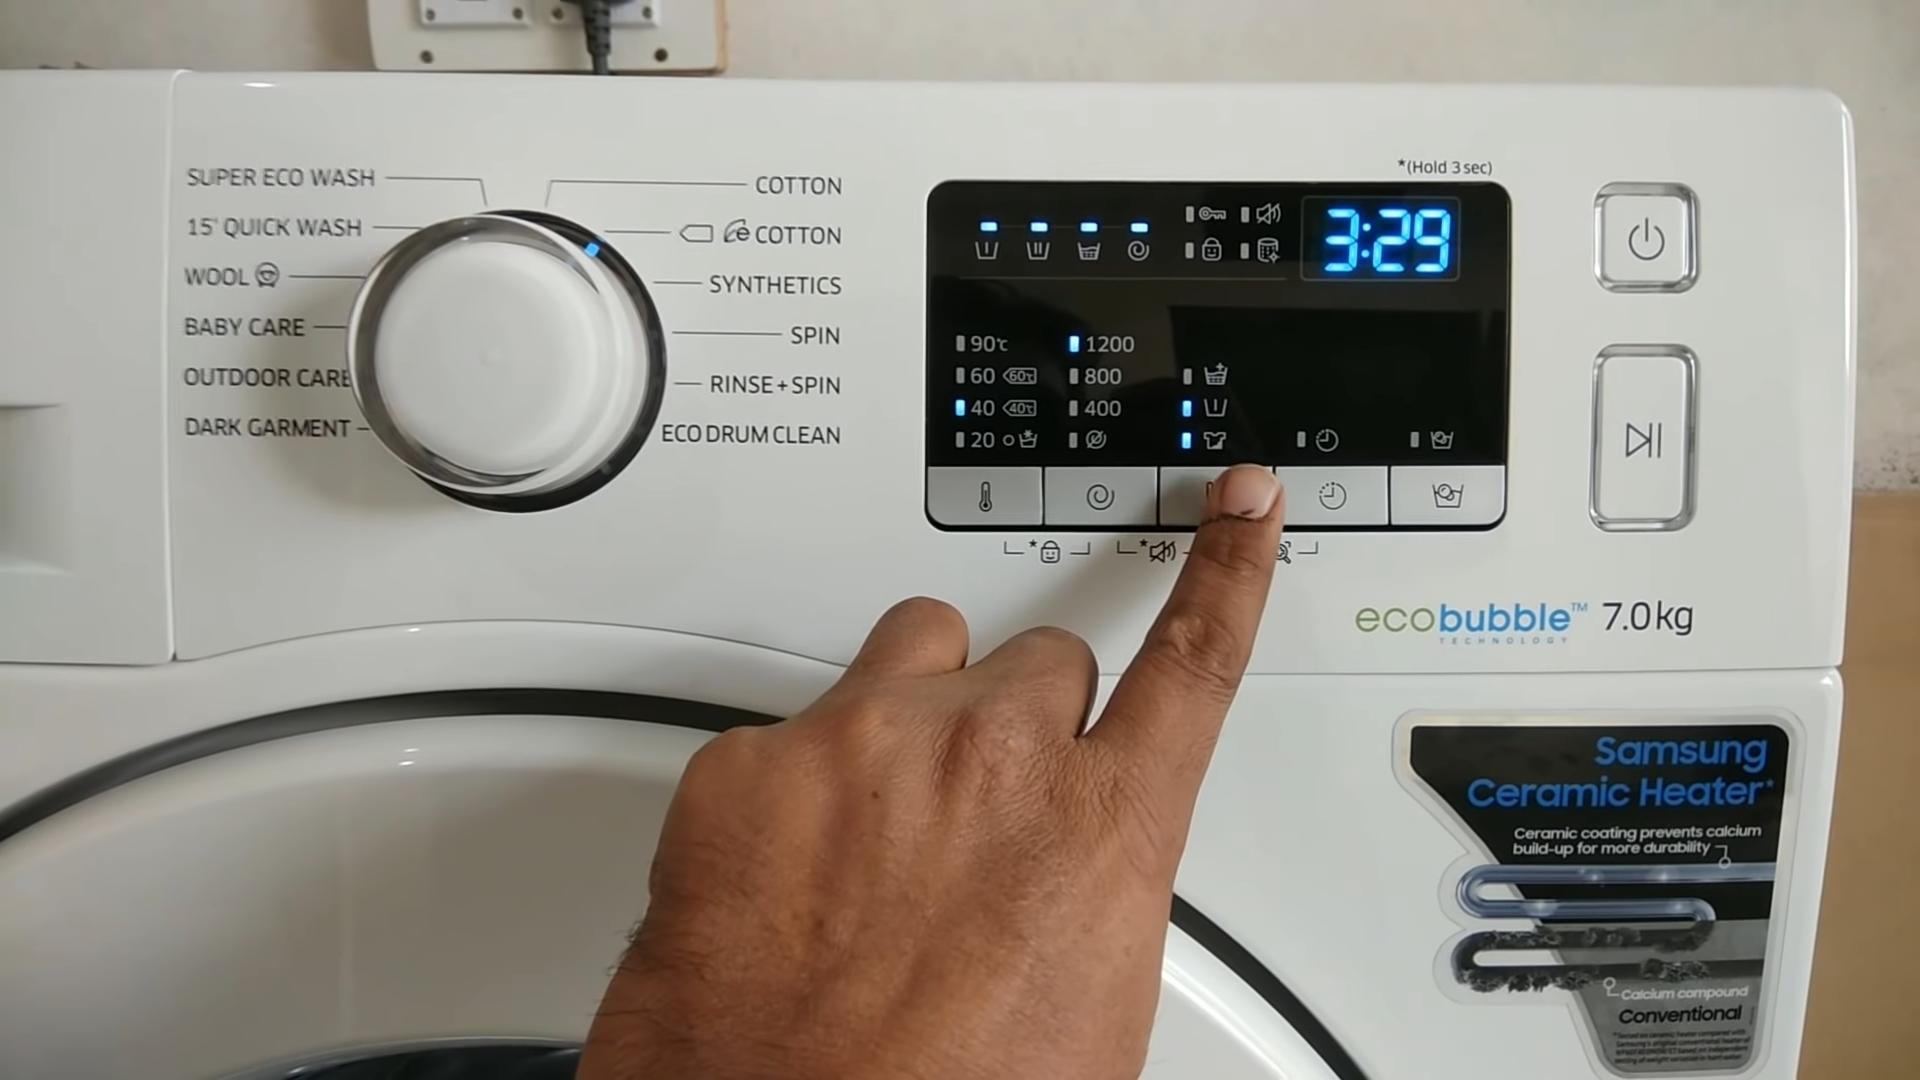 Lowes Washing Machine Pan In 2020 Washing Machine Pan Washing Machine Samsung Washing Machine